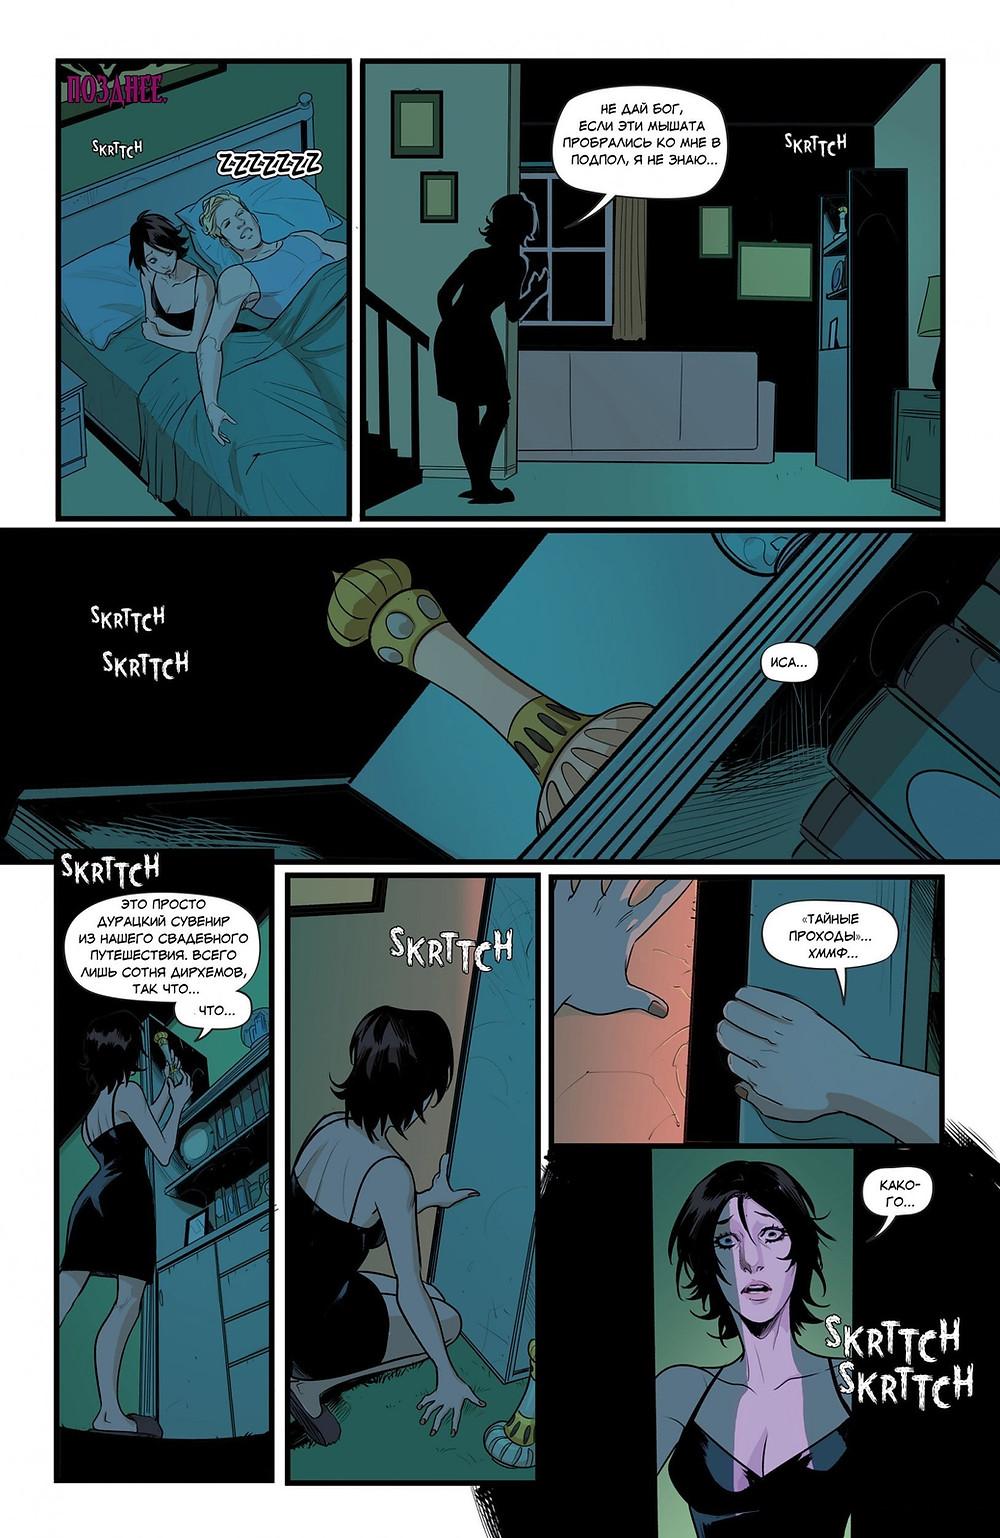 """Фантастический комикс о семейных отношениях """"Моя жена ведьма"""" Hex Wives. Часть 2. Страница 19"""